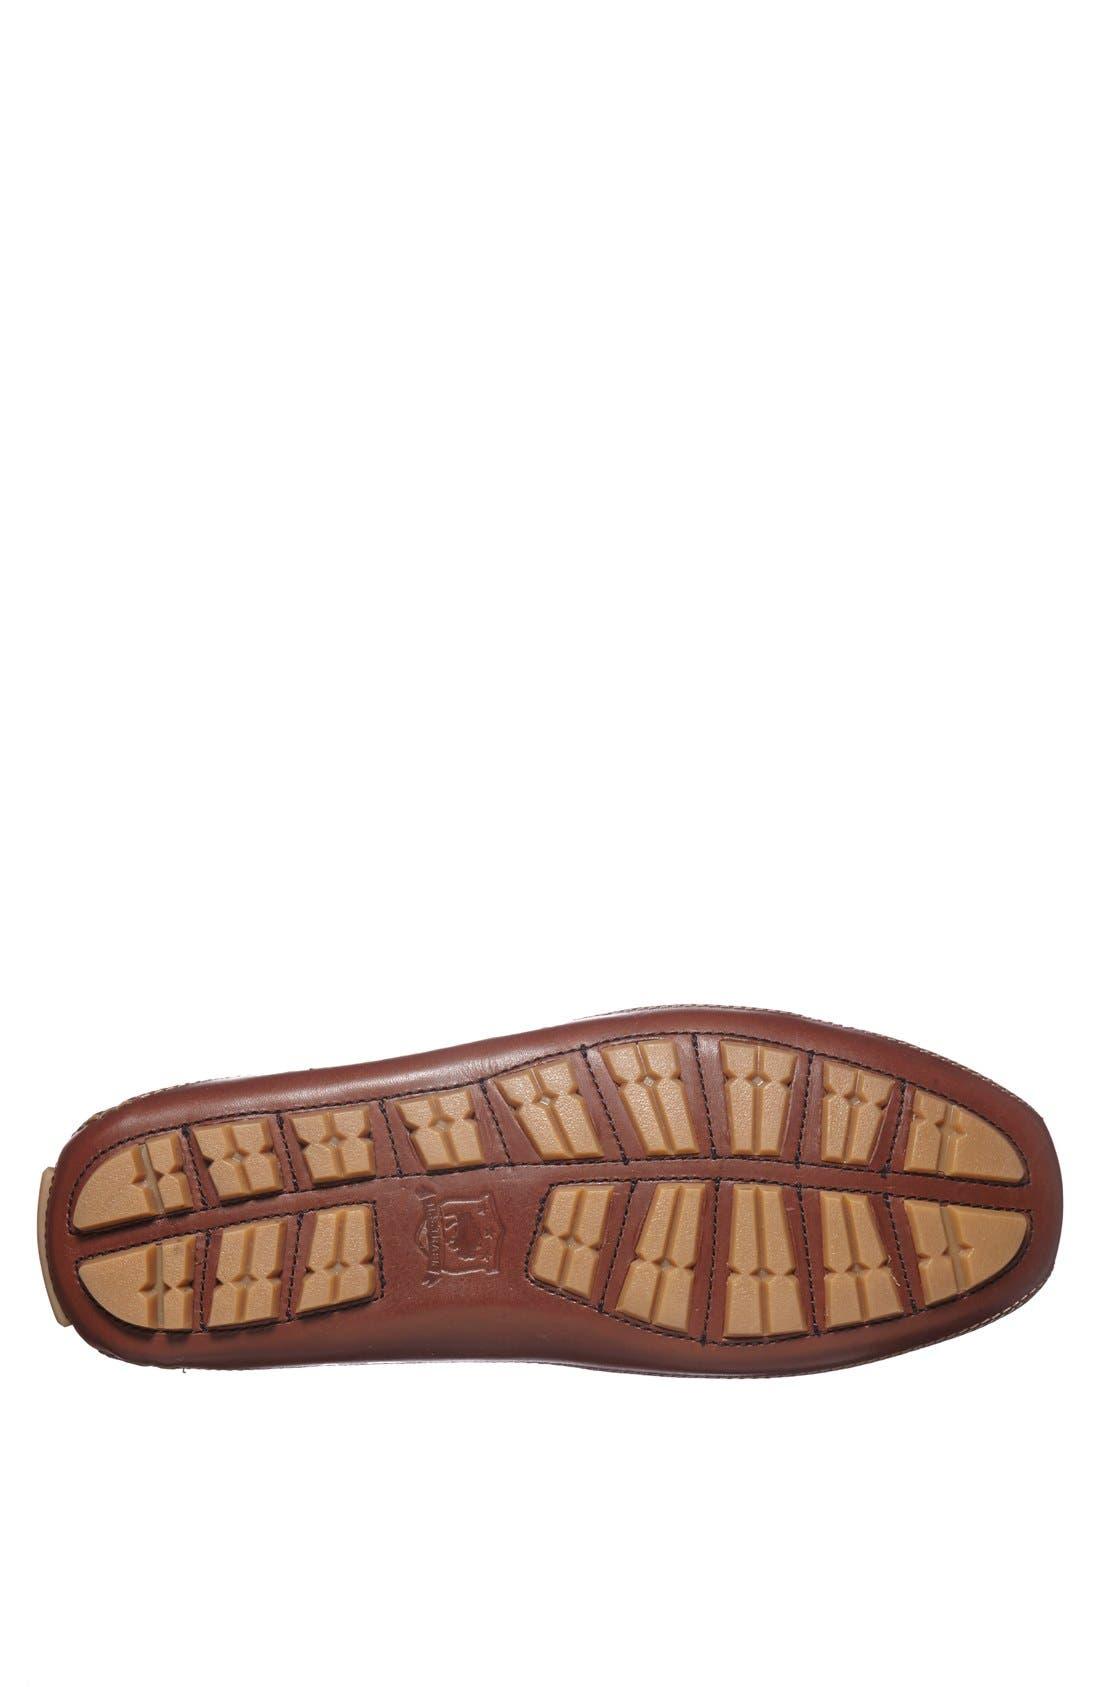 'Drake' Leather Driving Shoe,                             Alternate thumbnail 55, color,